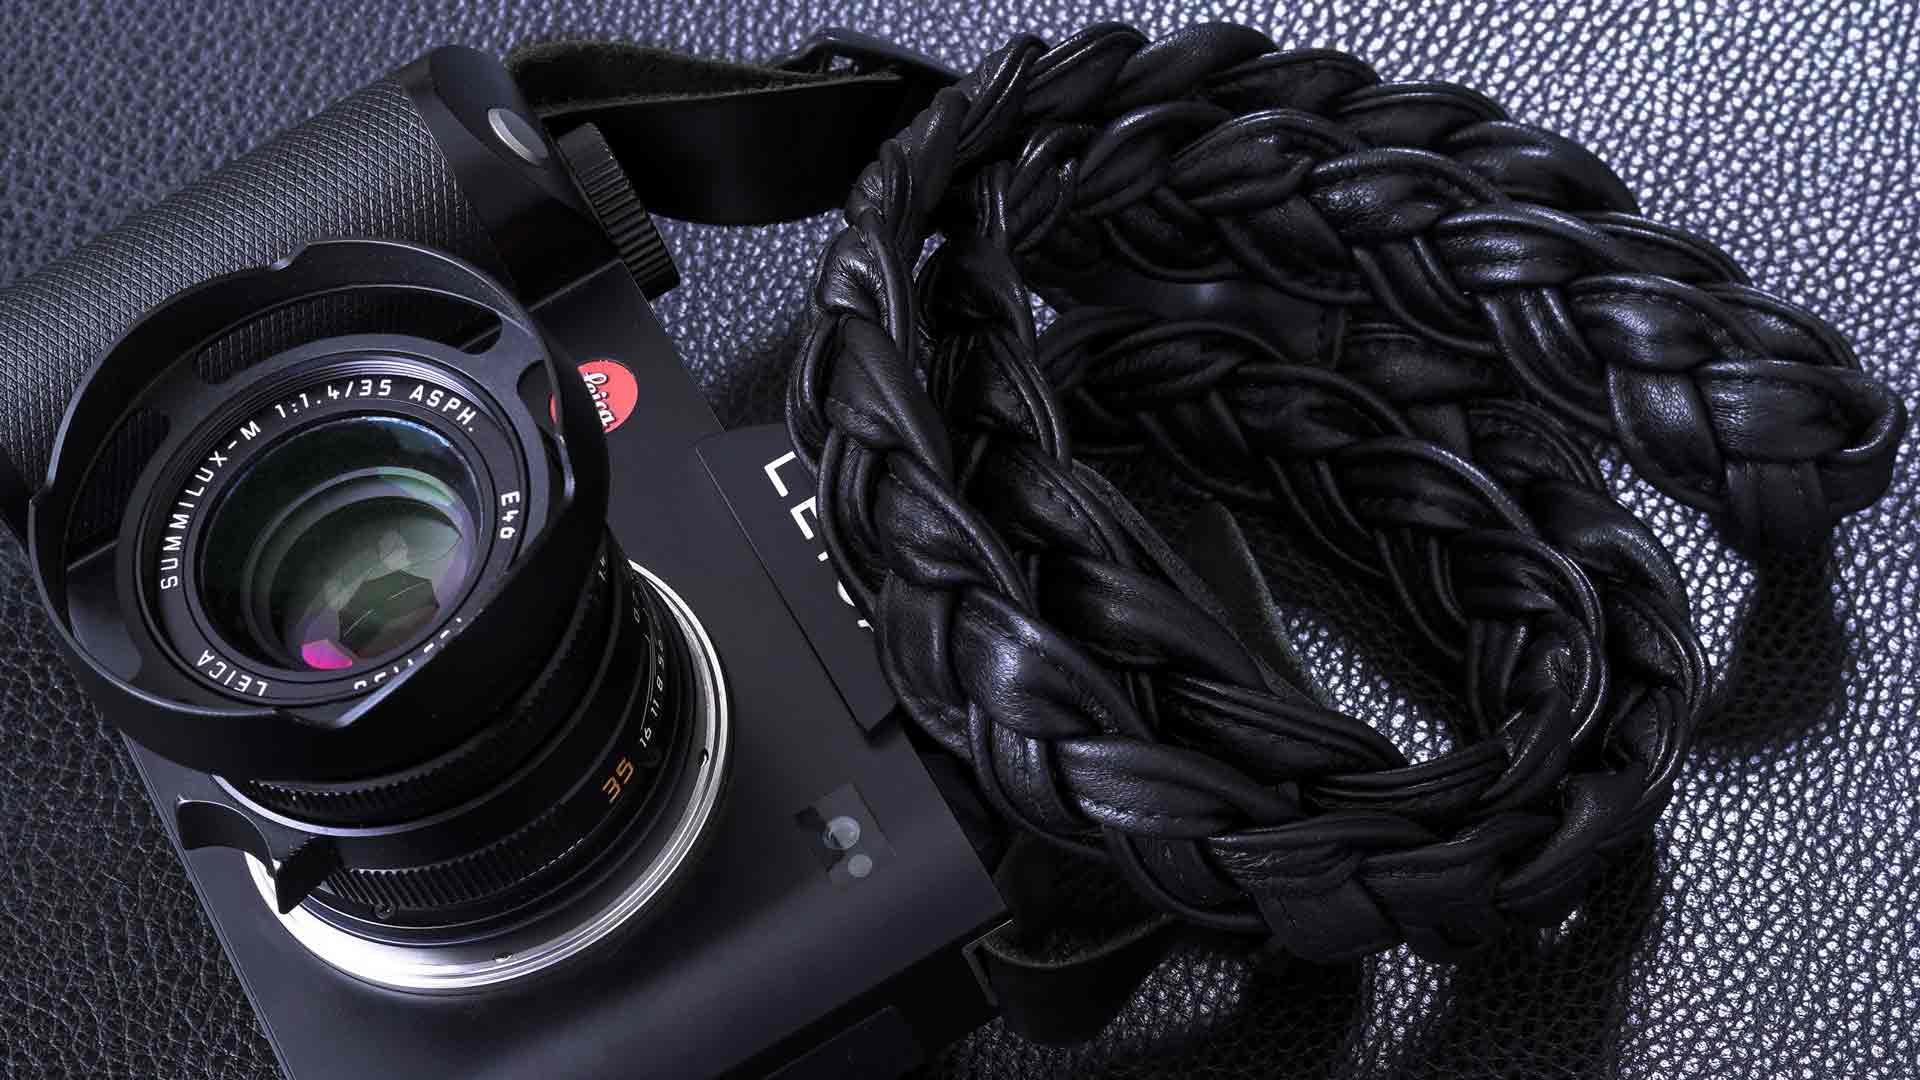 leica s strap, leica sl strap, leather camera strap, handmade leather camera strap, leica camera strap, mirrorless camera strap, handmade camera strap, black camera strap, braided camera strap